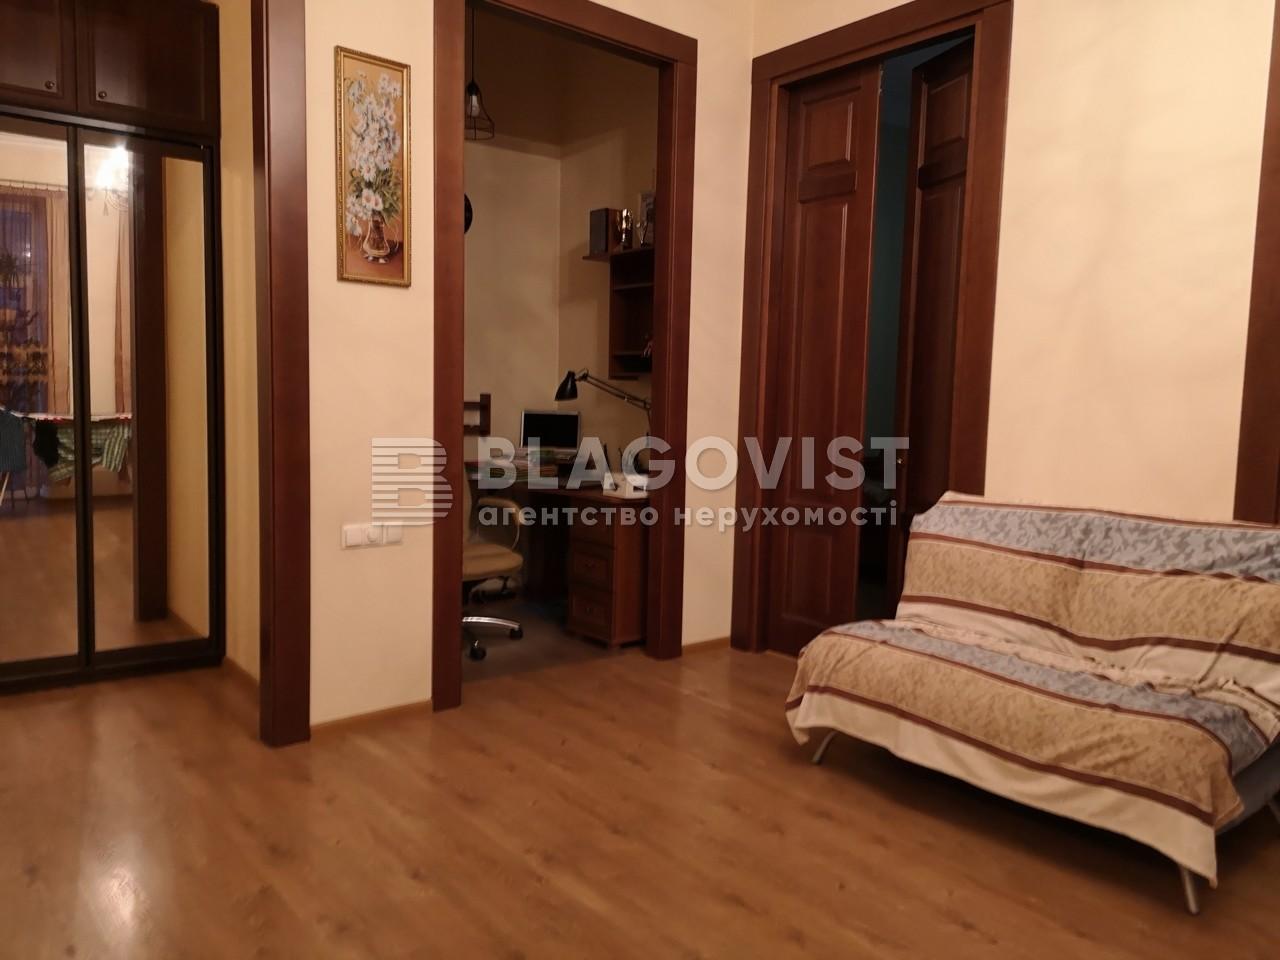 Квартира R-37990, Набережно-Крещатицкая, 7, Киев - Фото 4